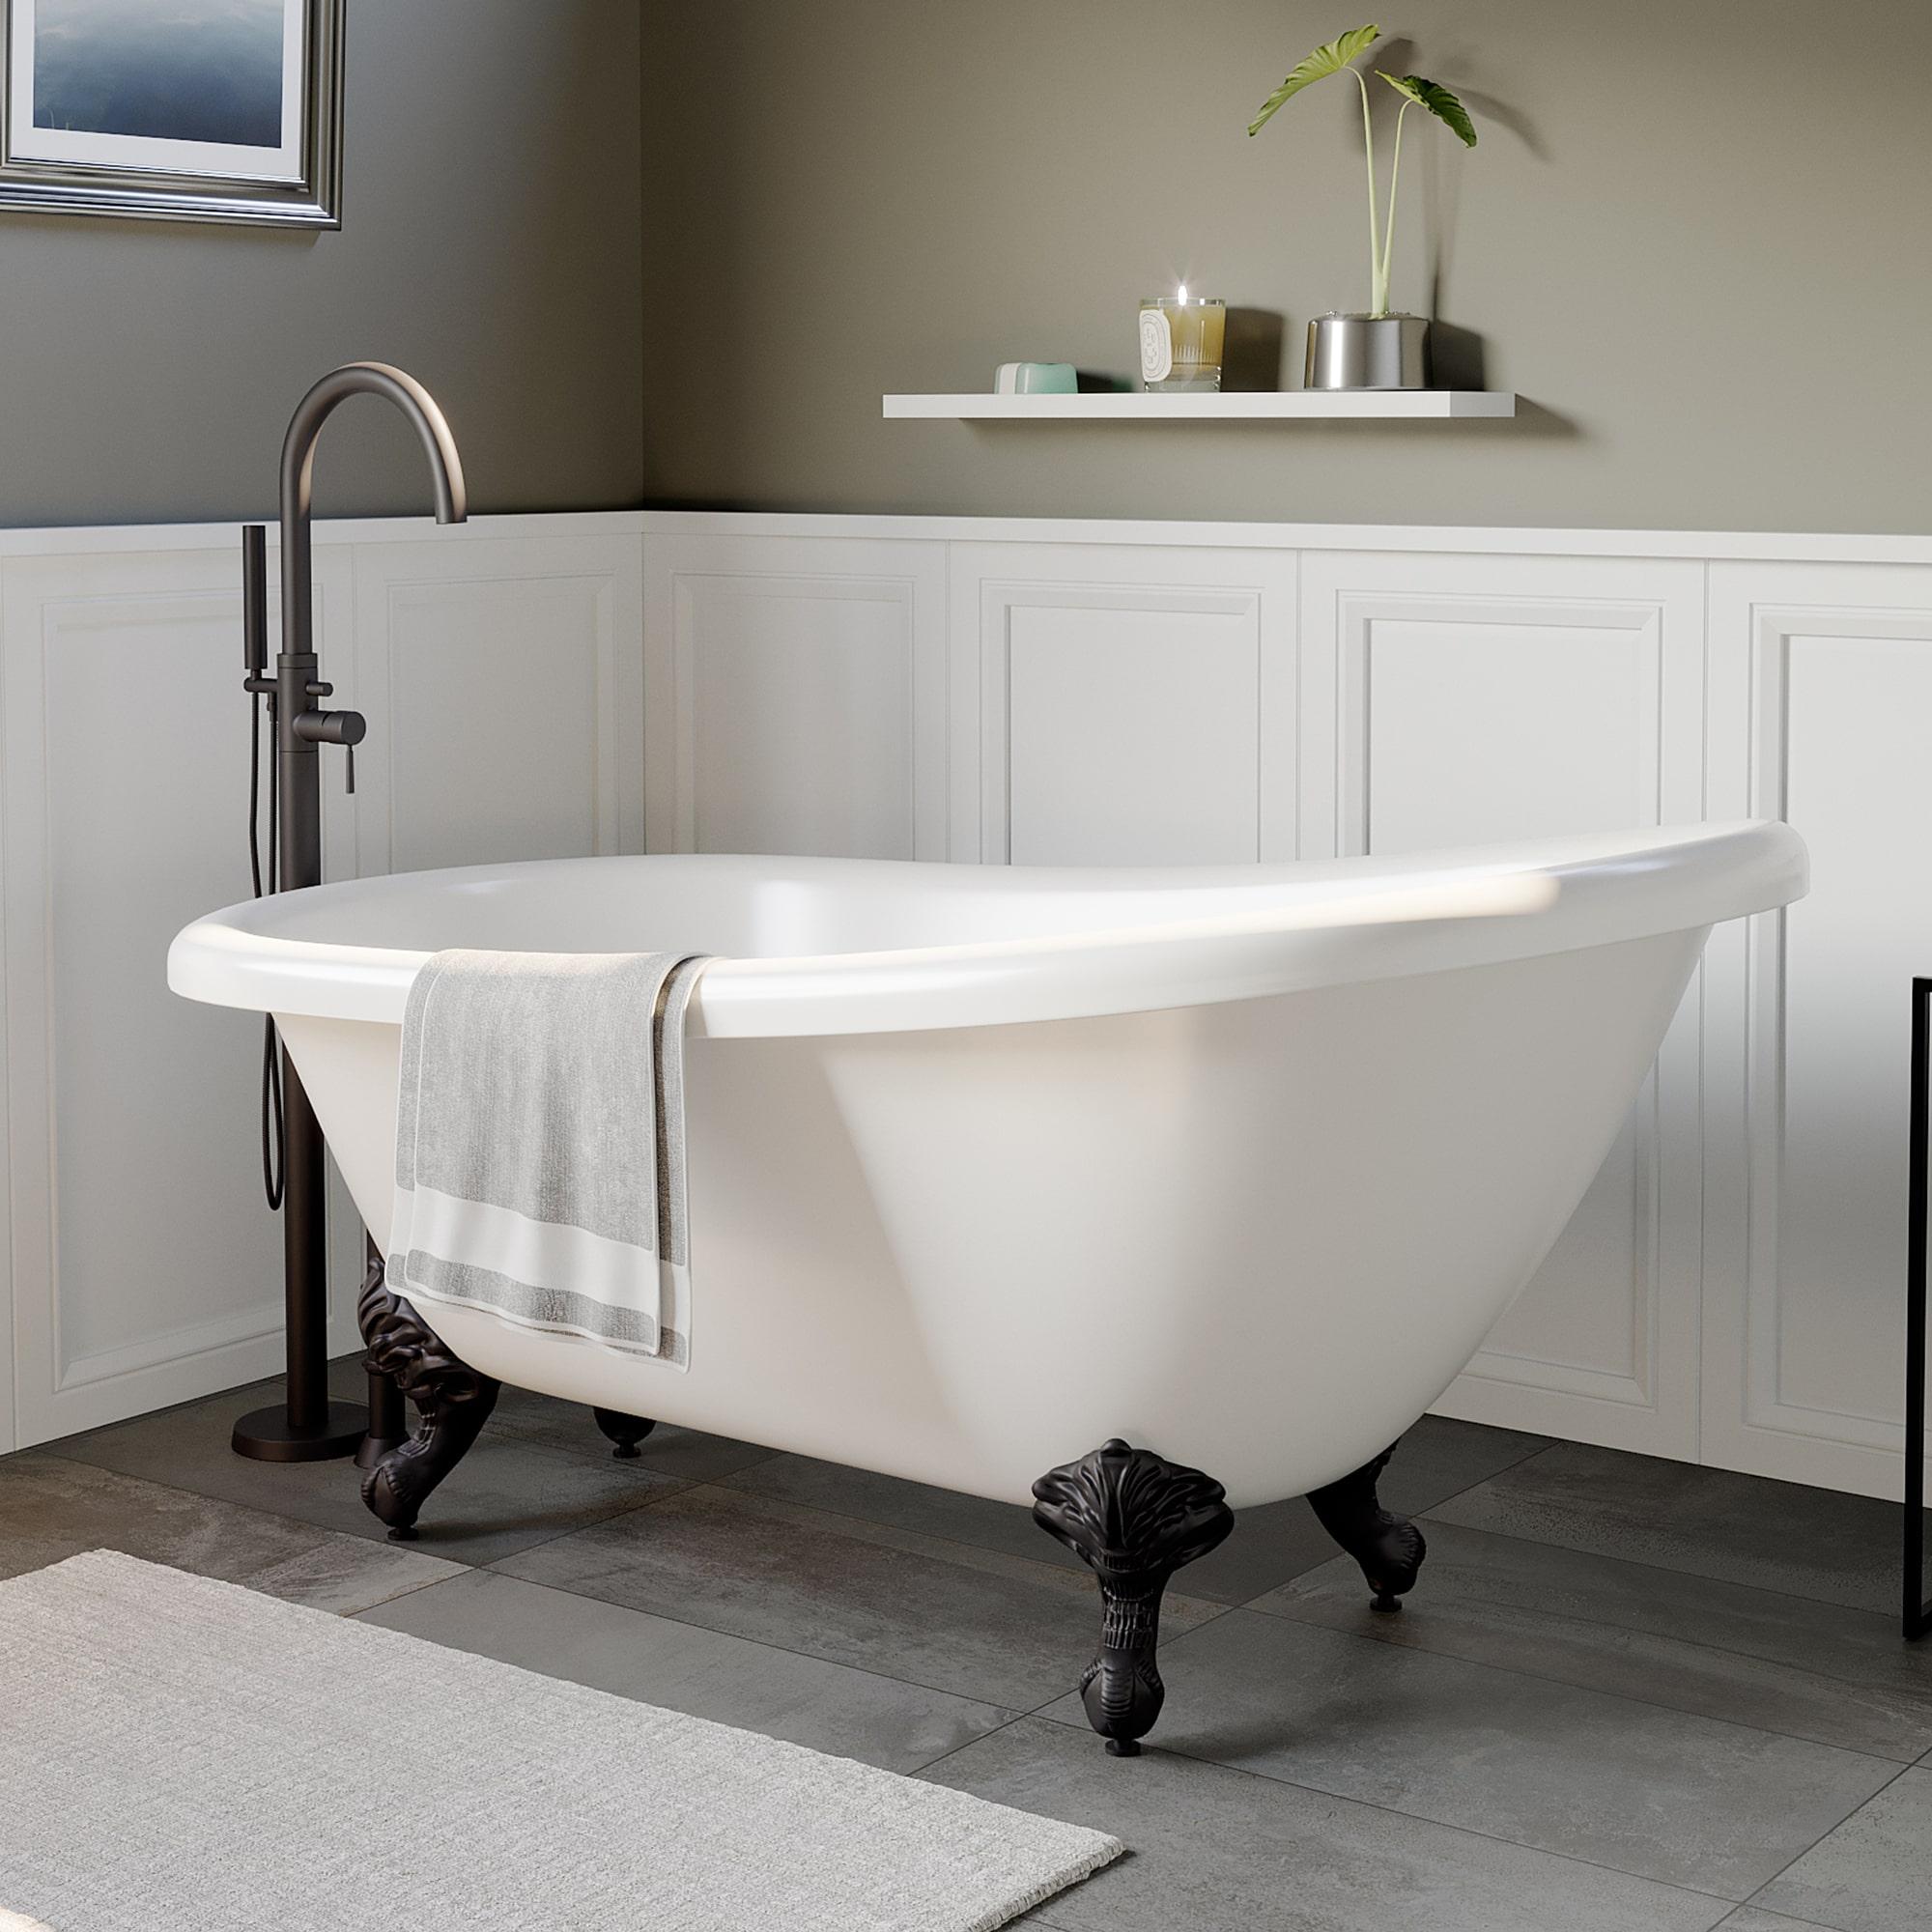 acrylic clawfoot tub, single slipper tub,